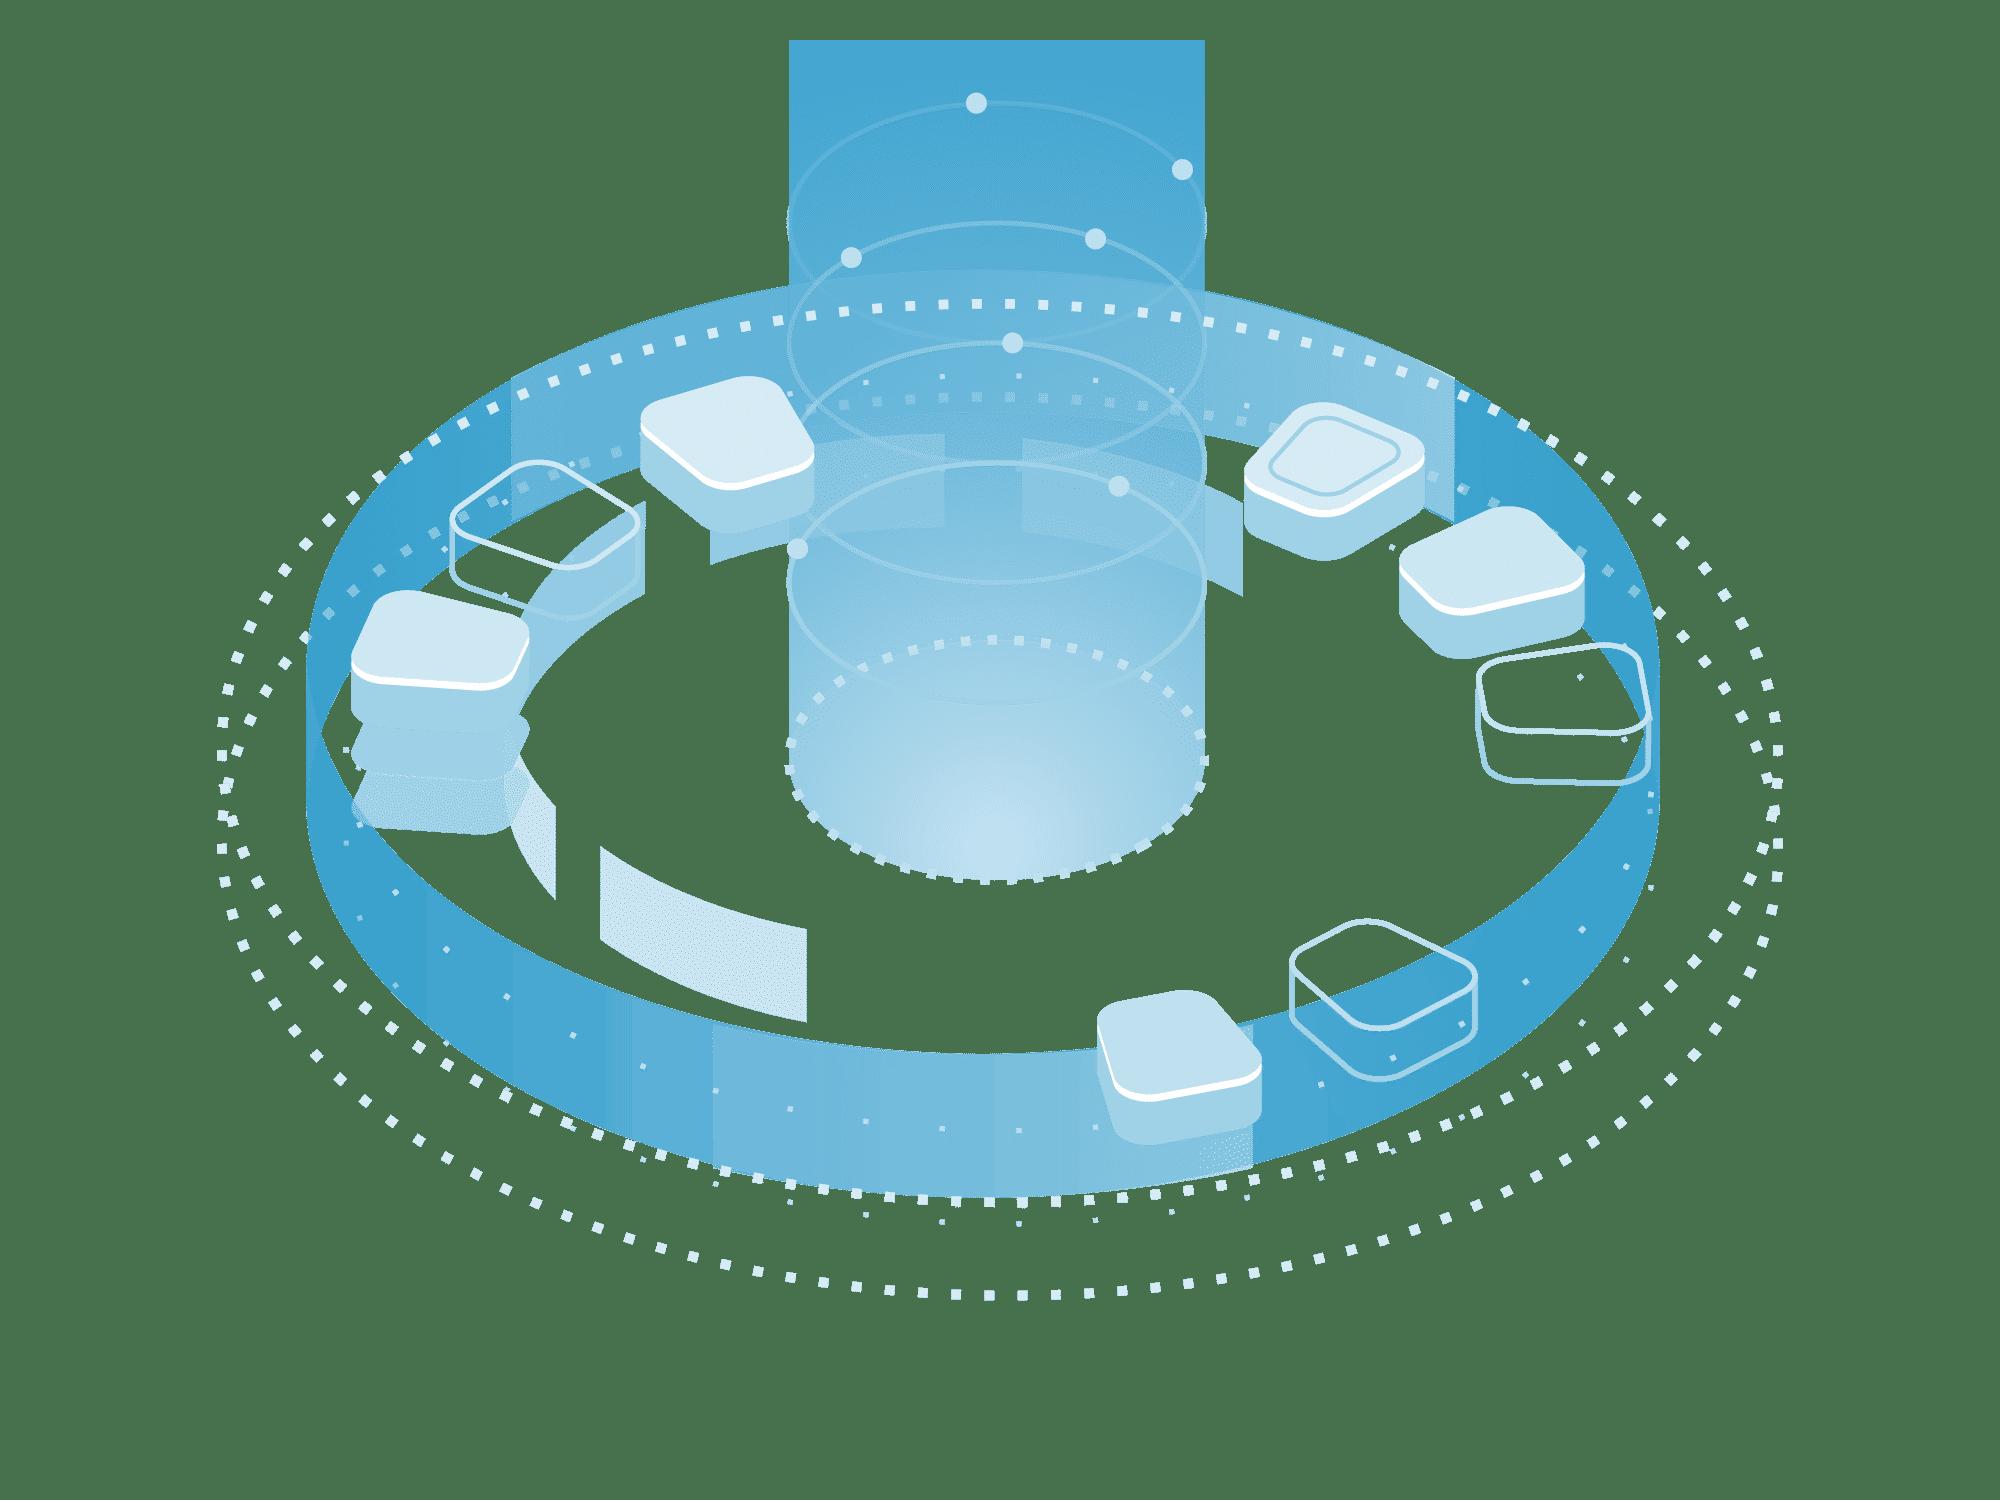 cambiare gestionale: un processo di analisi